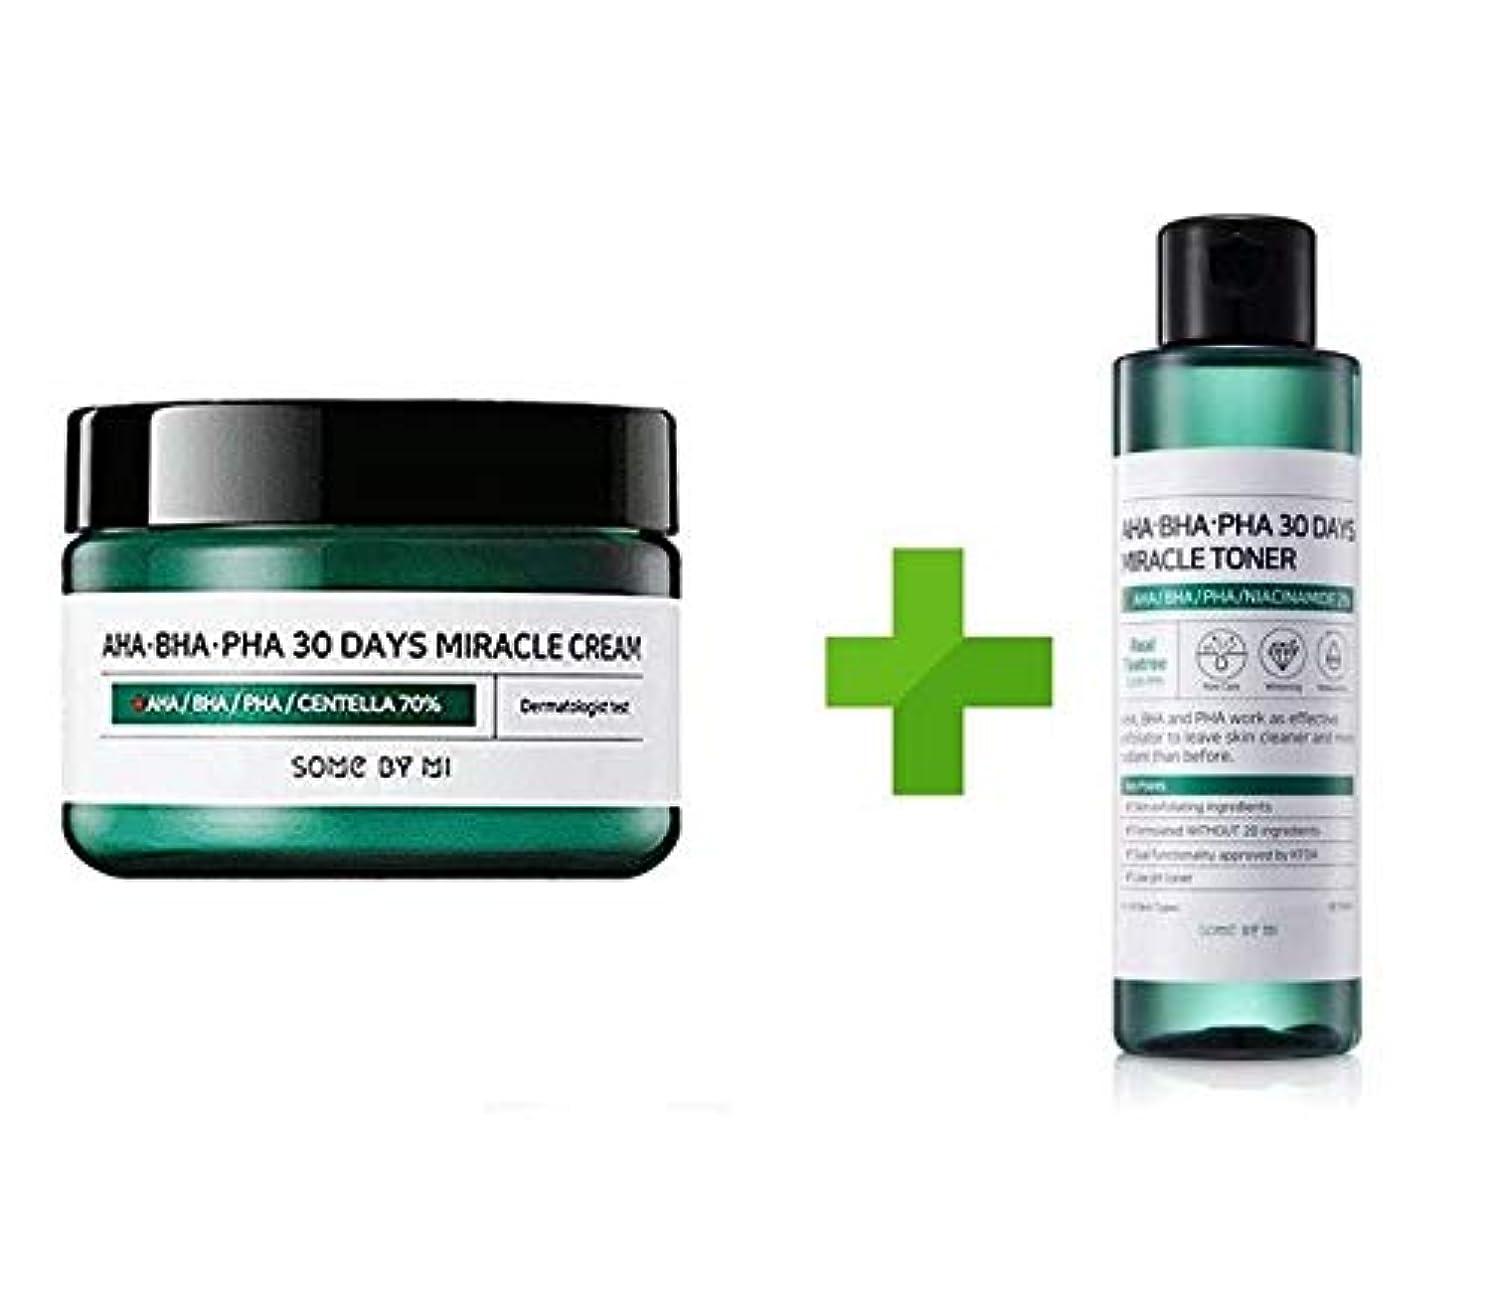 篭意気消沈したサイドボードSomebymi AHA BHA PHA Miracle Cream (50ml + Toner 150ml)Skin Barrier & Recovery, Soothing with Tea Tree 10,000ppm...